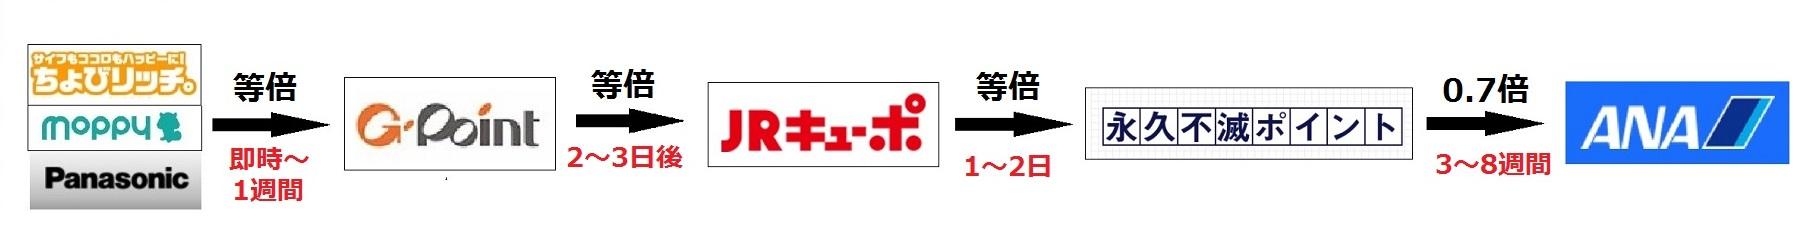 ちょびモピパナJQルート